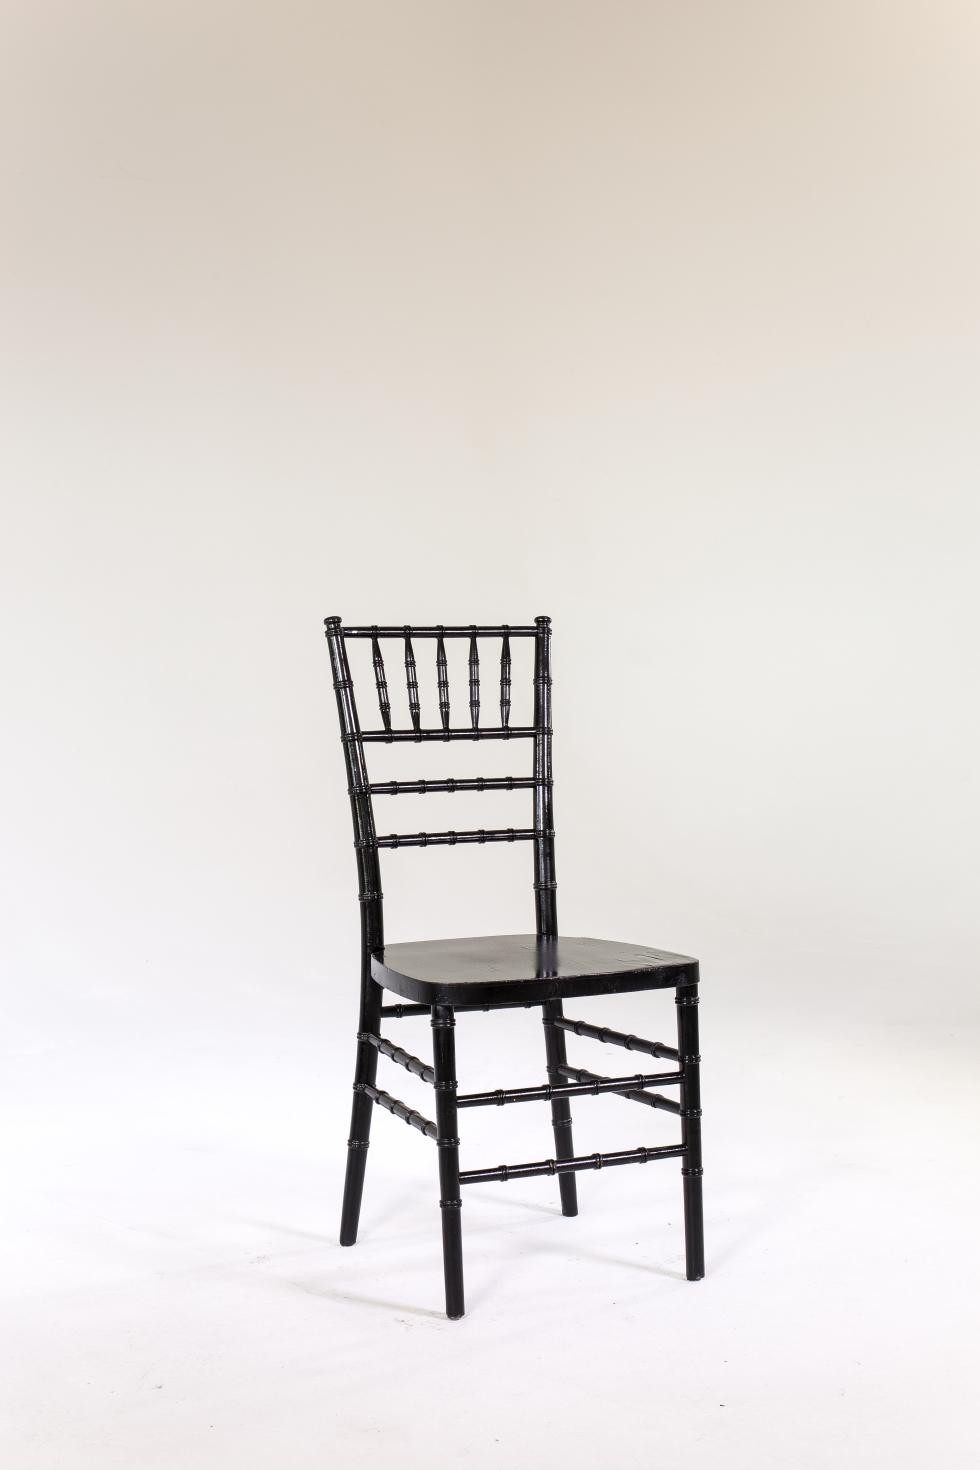 Signature Party Rentals Chair Black Chiavari Rentals